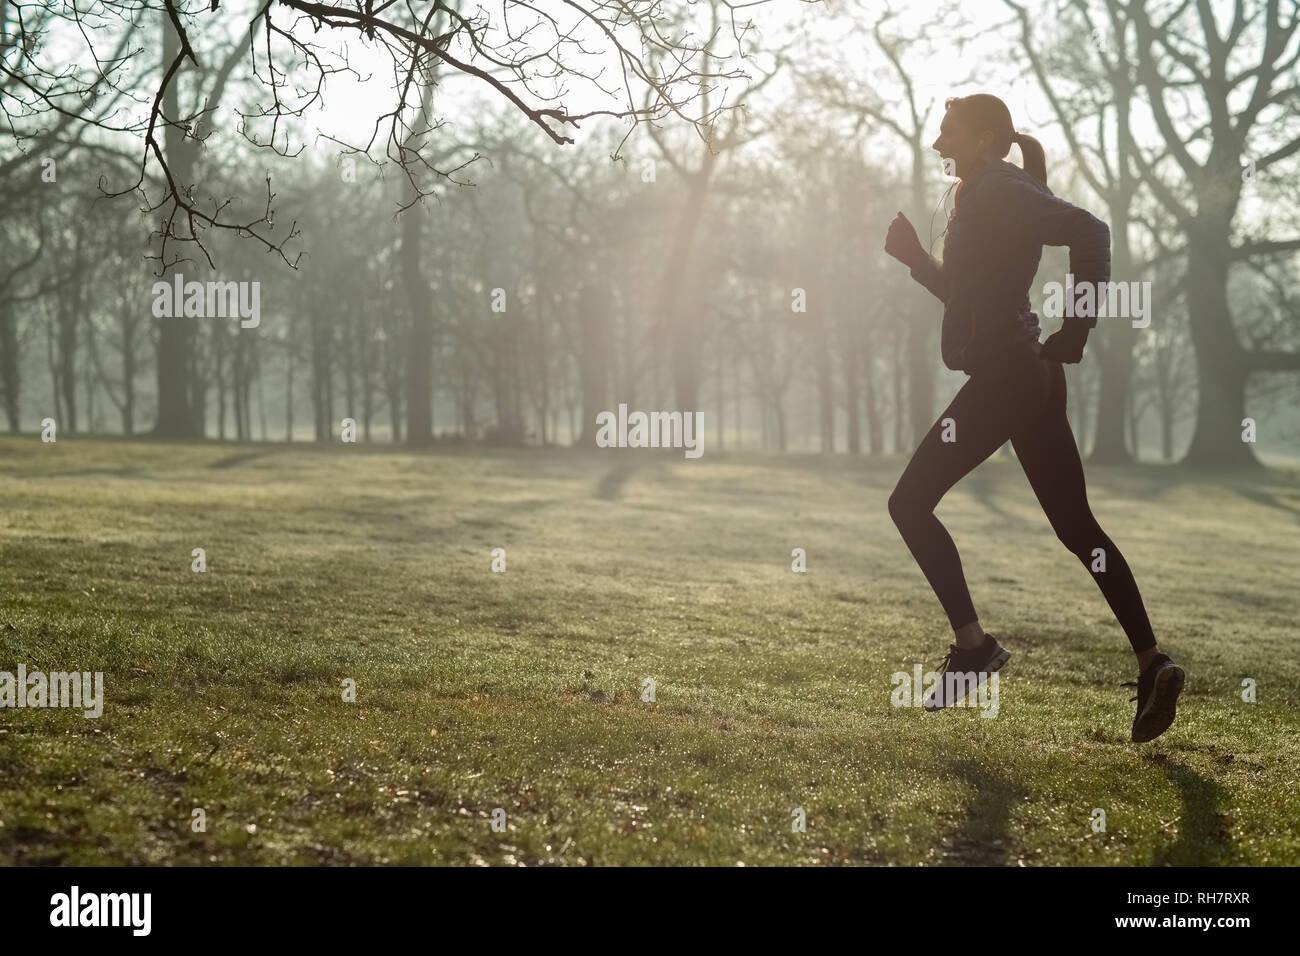 Mujer en invierno temprano por la mañana se ejecute en el mantenimiento del parque Monte escuchando música a través de auriculares. Foto de stock